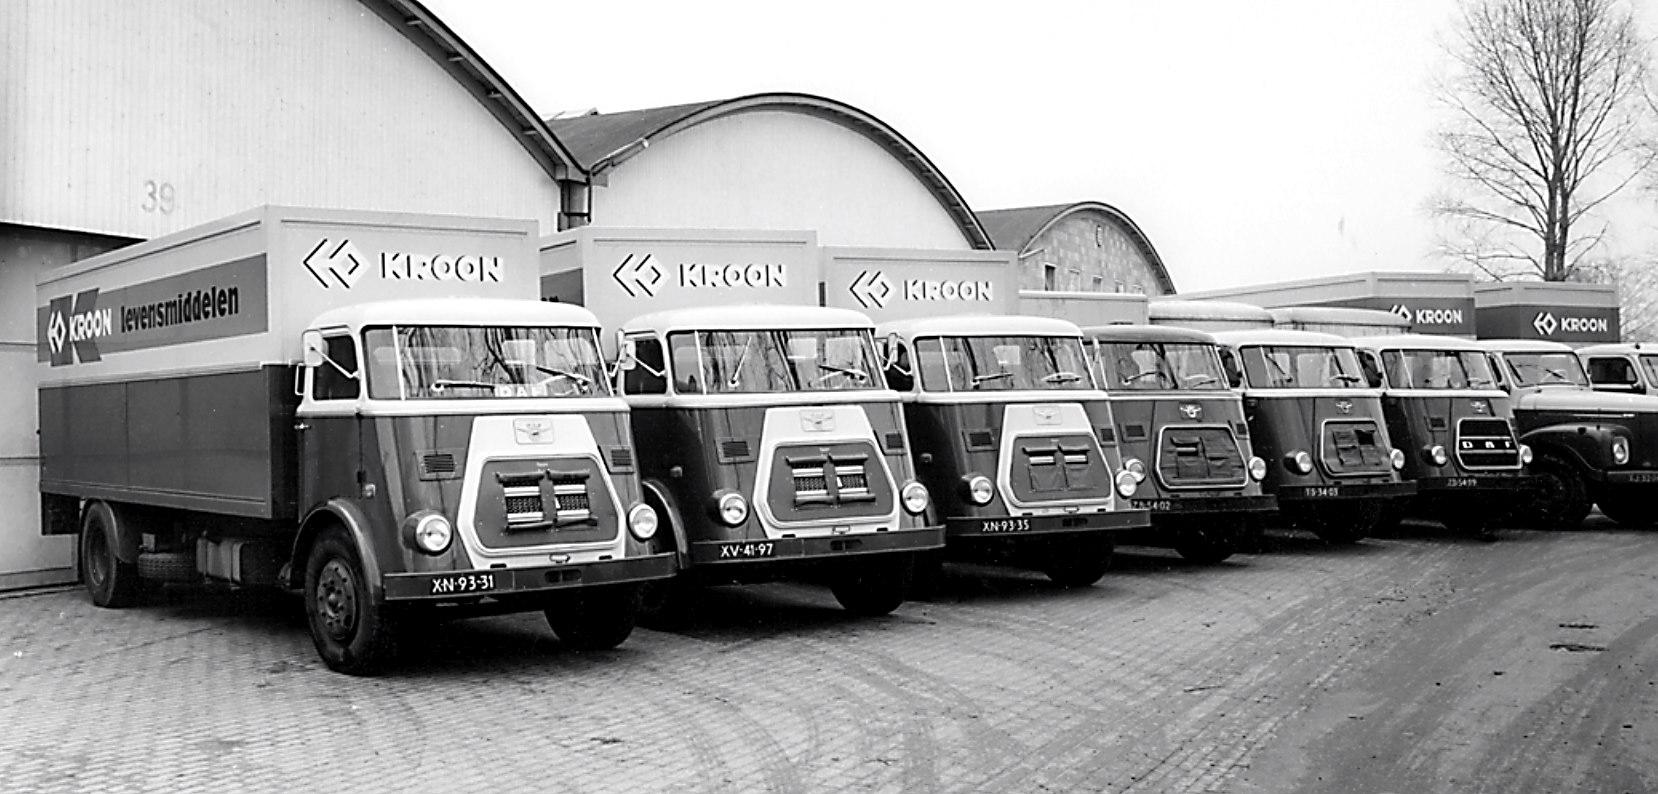 Daf-Scania-Vabis-Jan-Barnier-foto